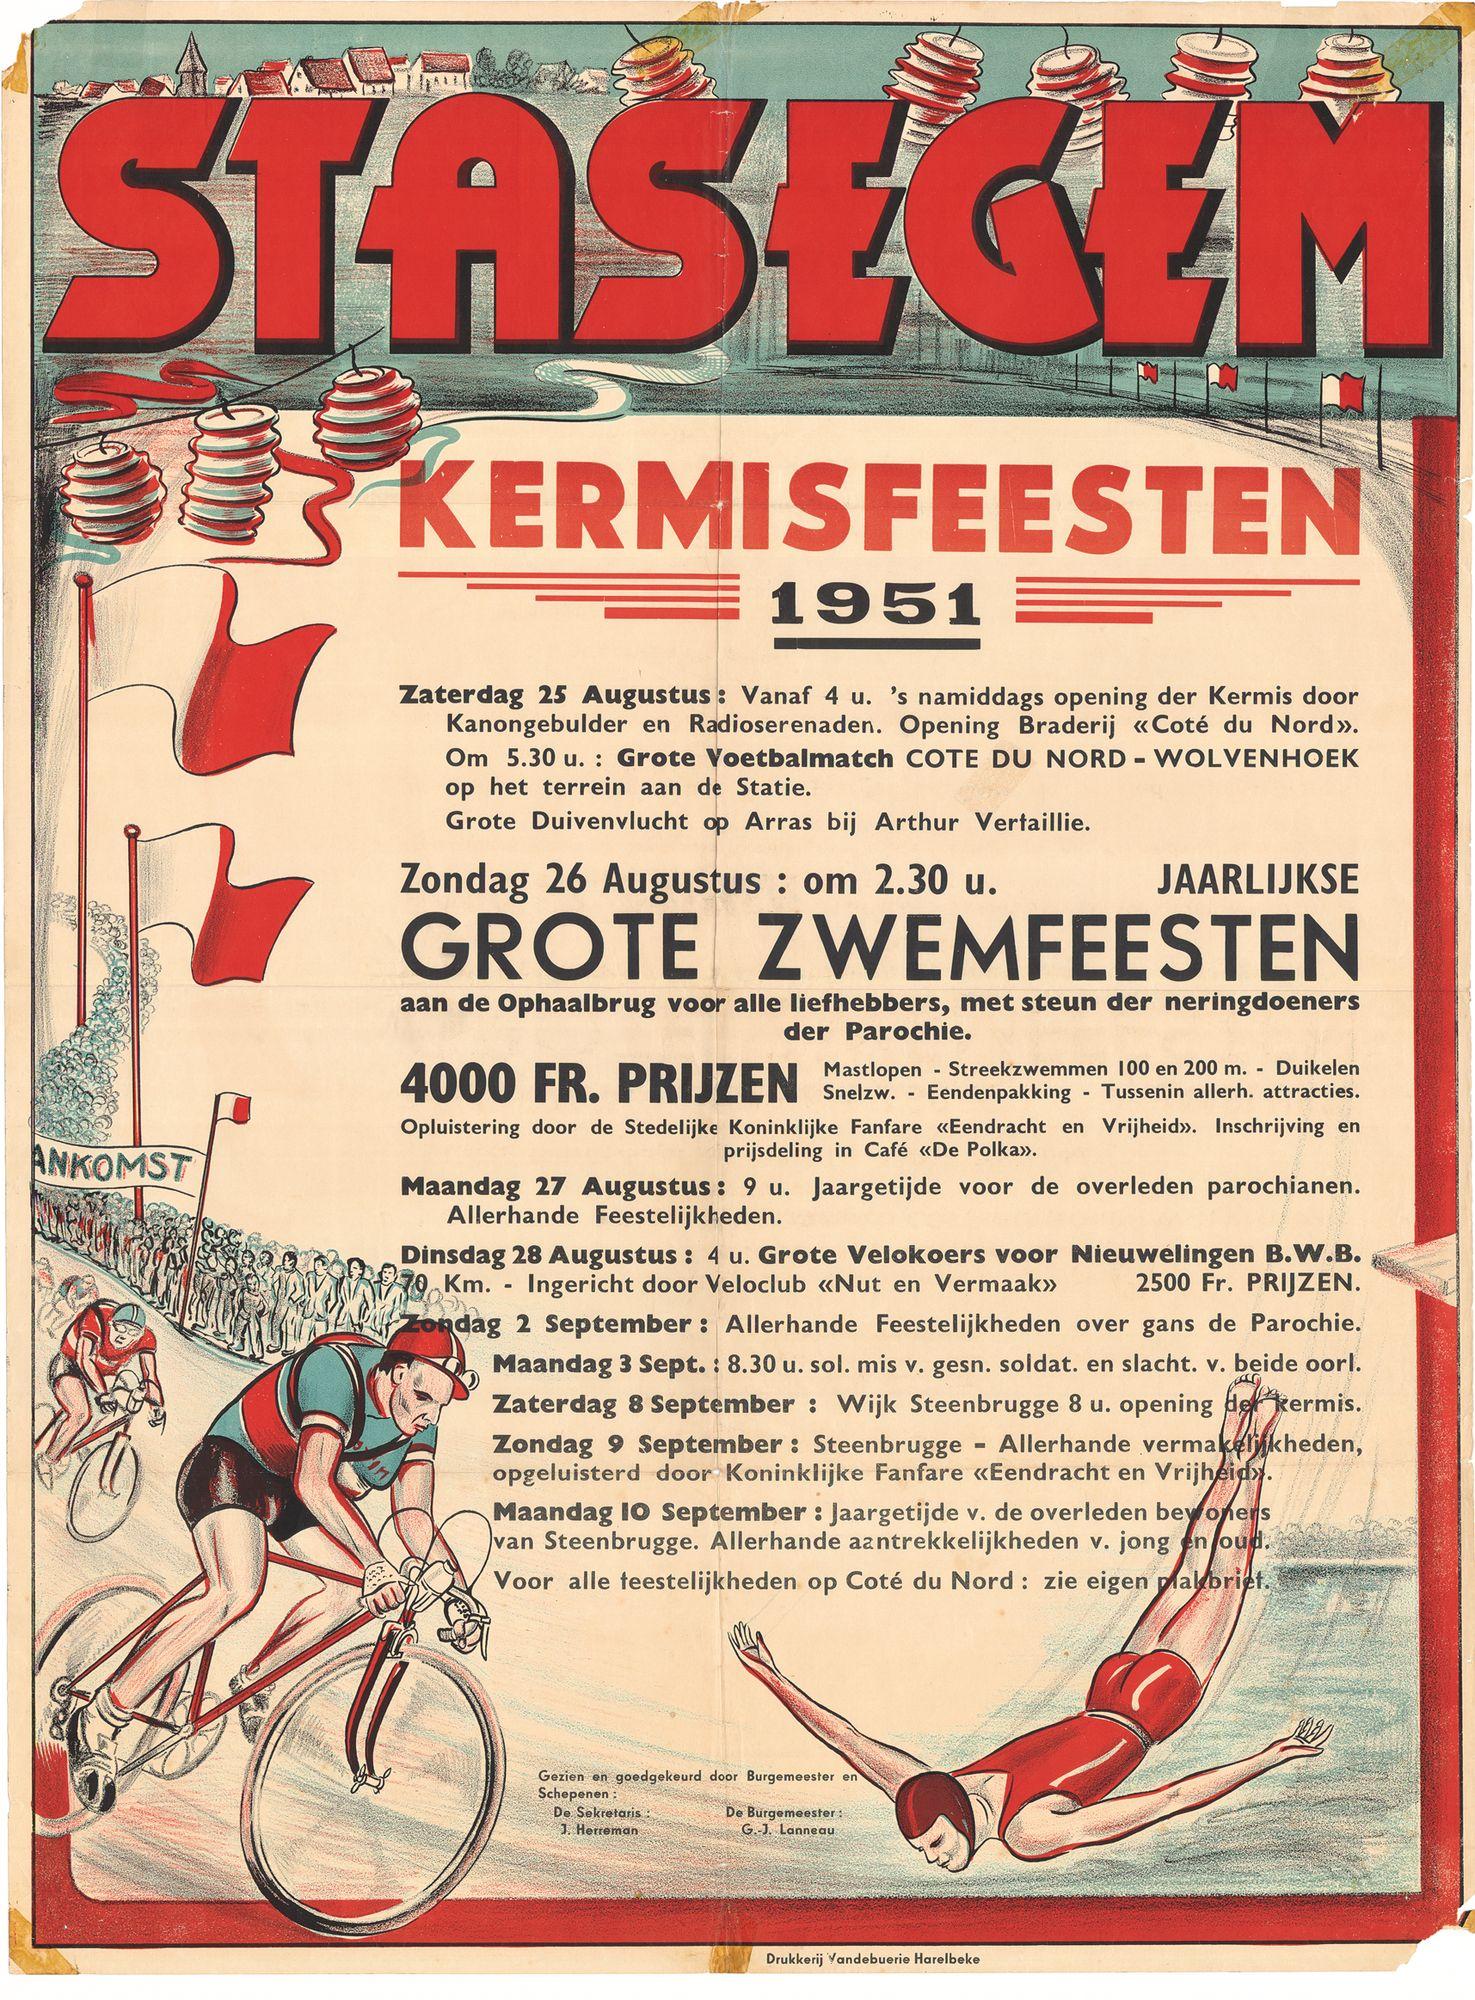 Zwemfeesten. Stasegem. Affiche 1951